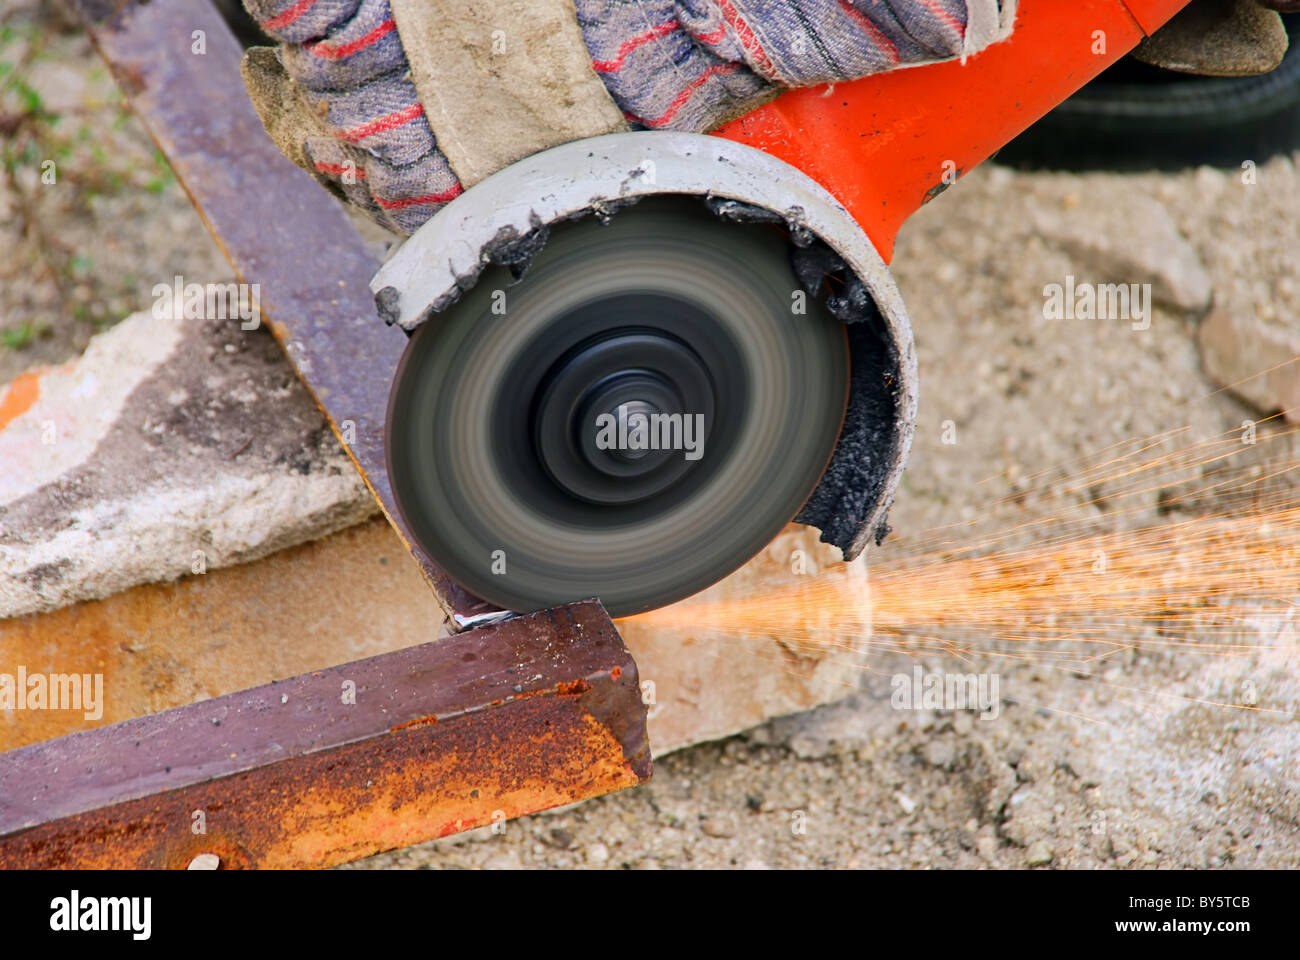 Winkelschleifer - angle grinder 07 - Stock Image